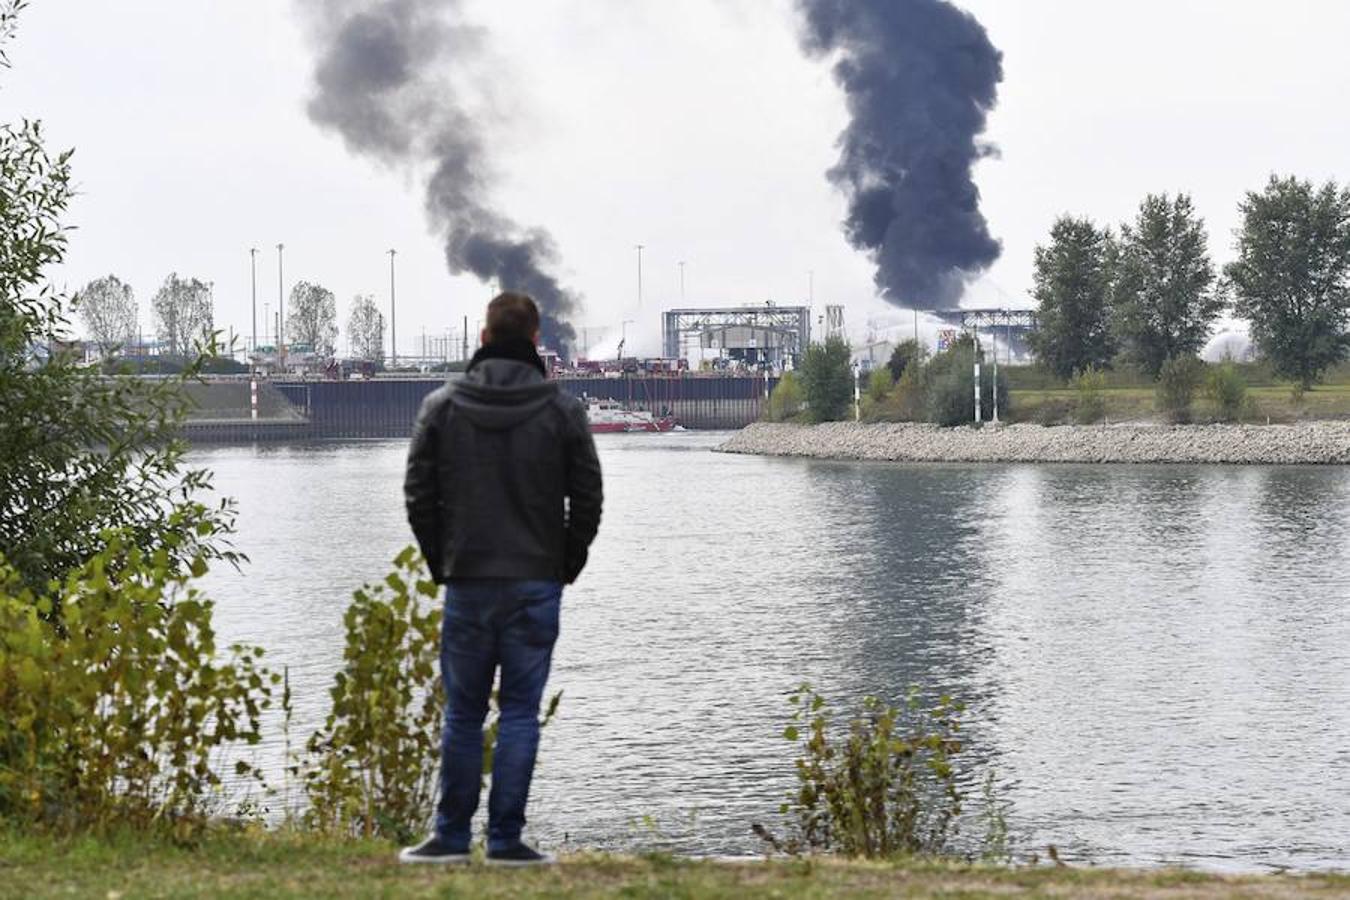 Un hombre observa como los bomberos intentan apagar las llamas en el recinto de la compañía Basf en Ludwigshafen (Alemania).